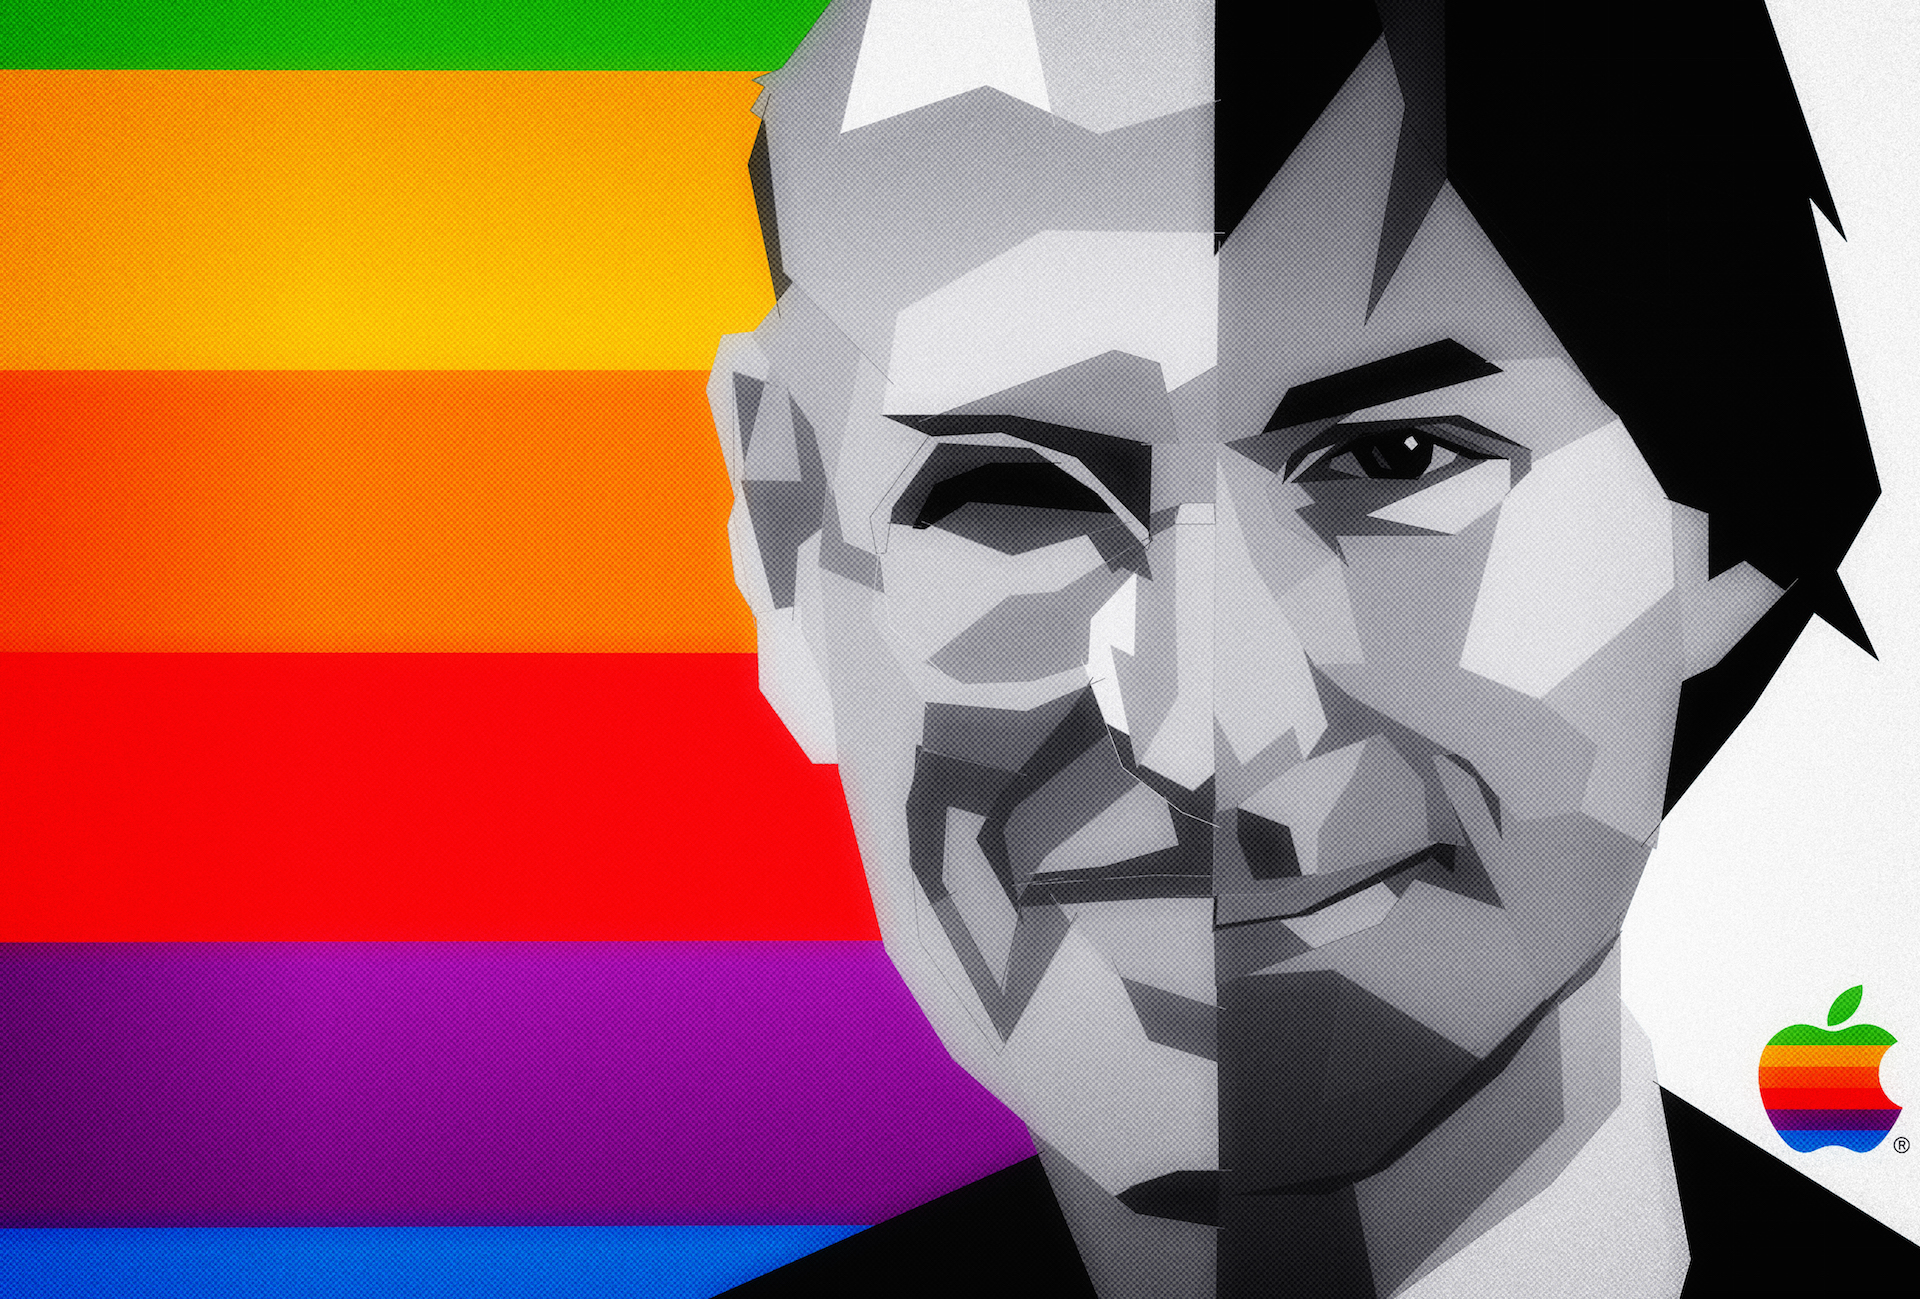 Ляпы Стива Джобса. Почему никому нет дела до них